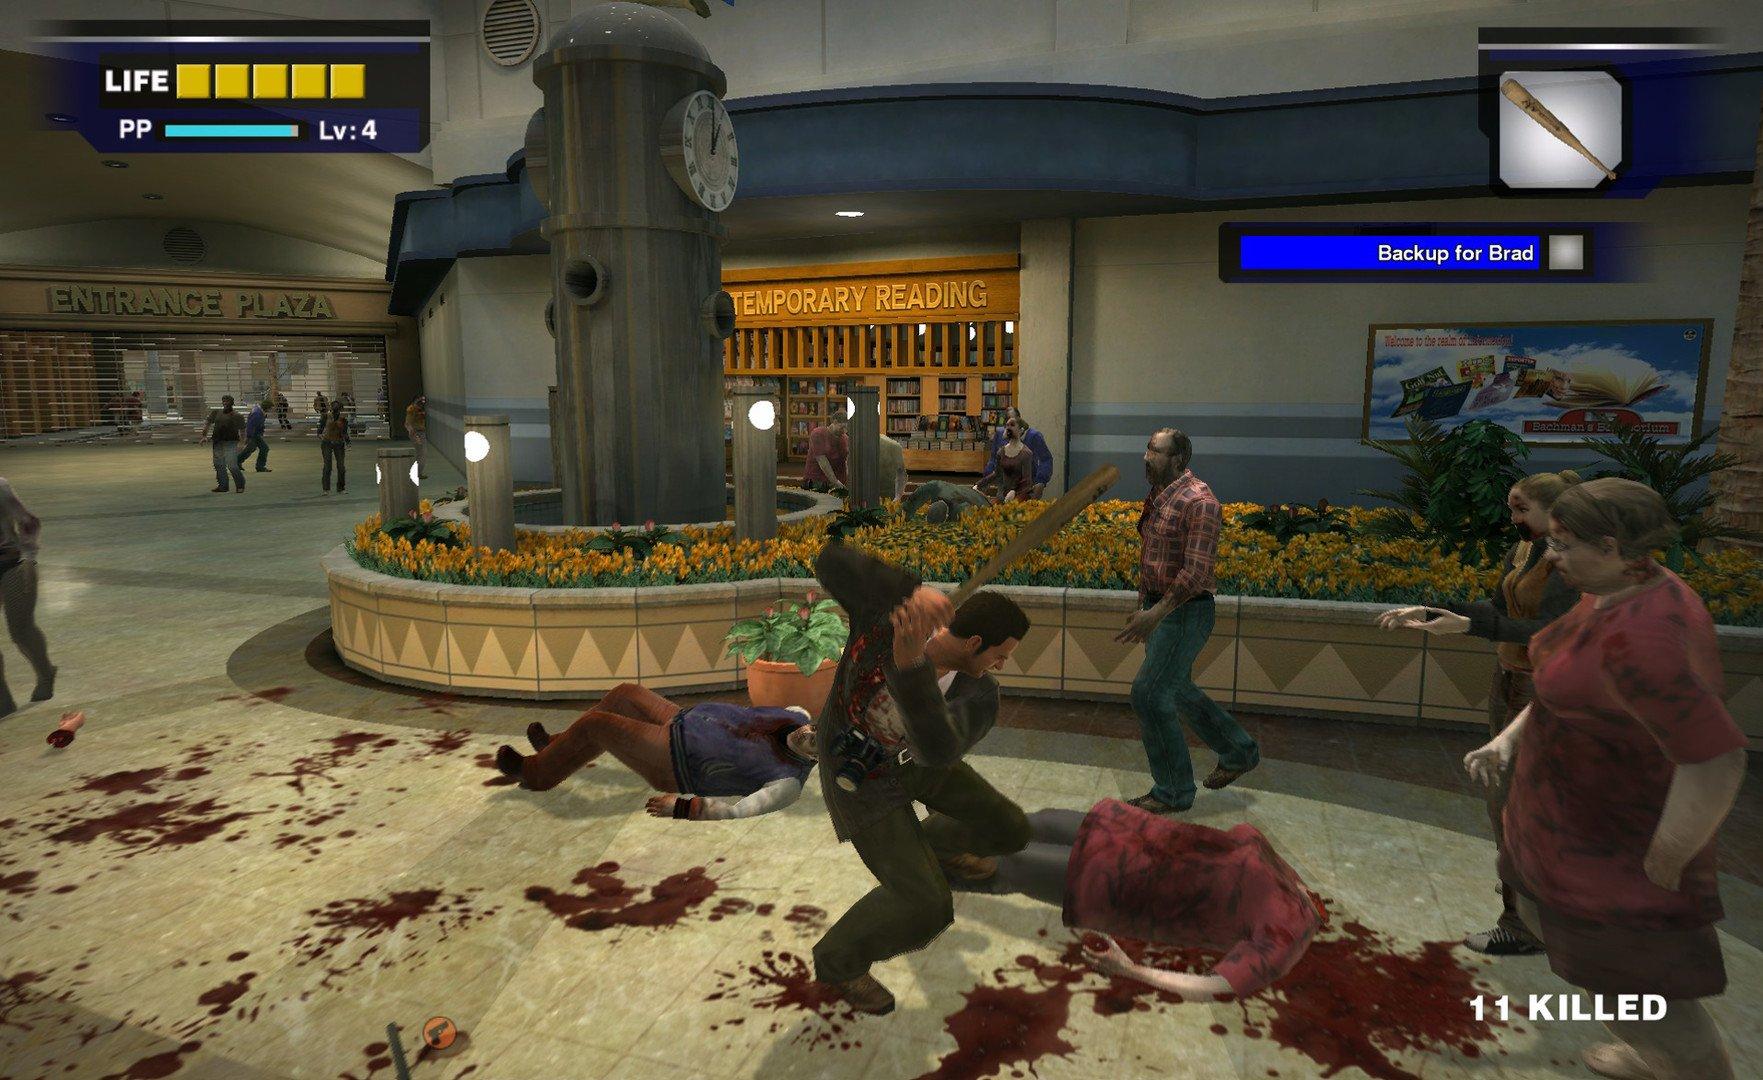 Imágenes de Dead Rising para PC - 3DJuegos